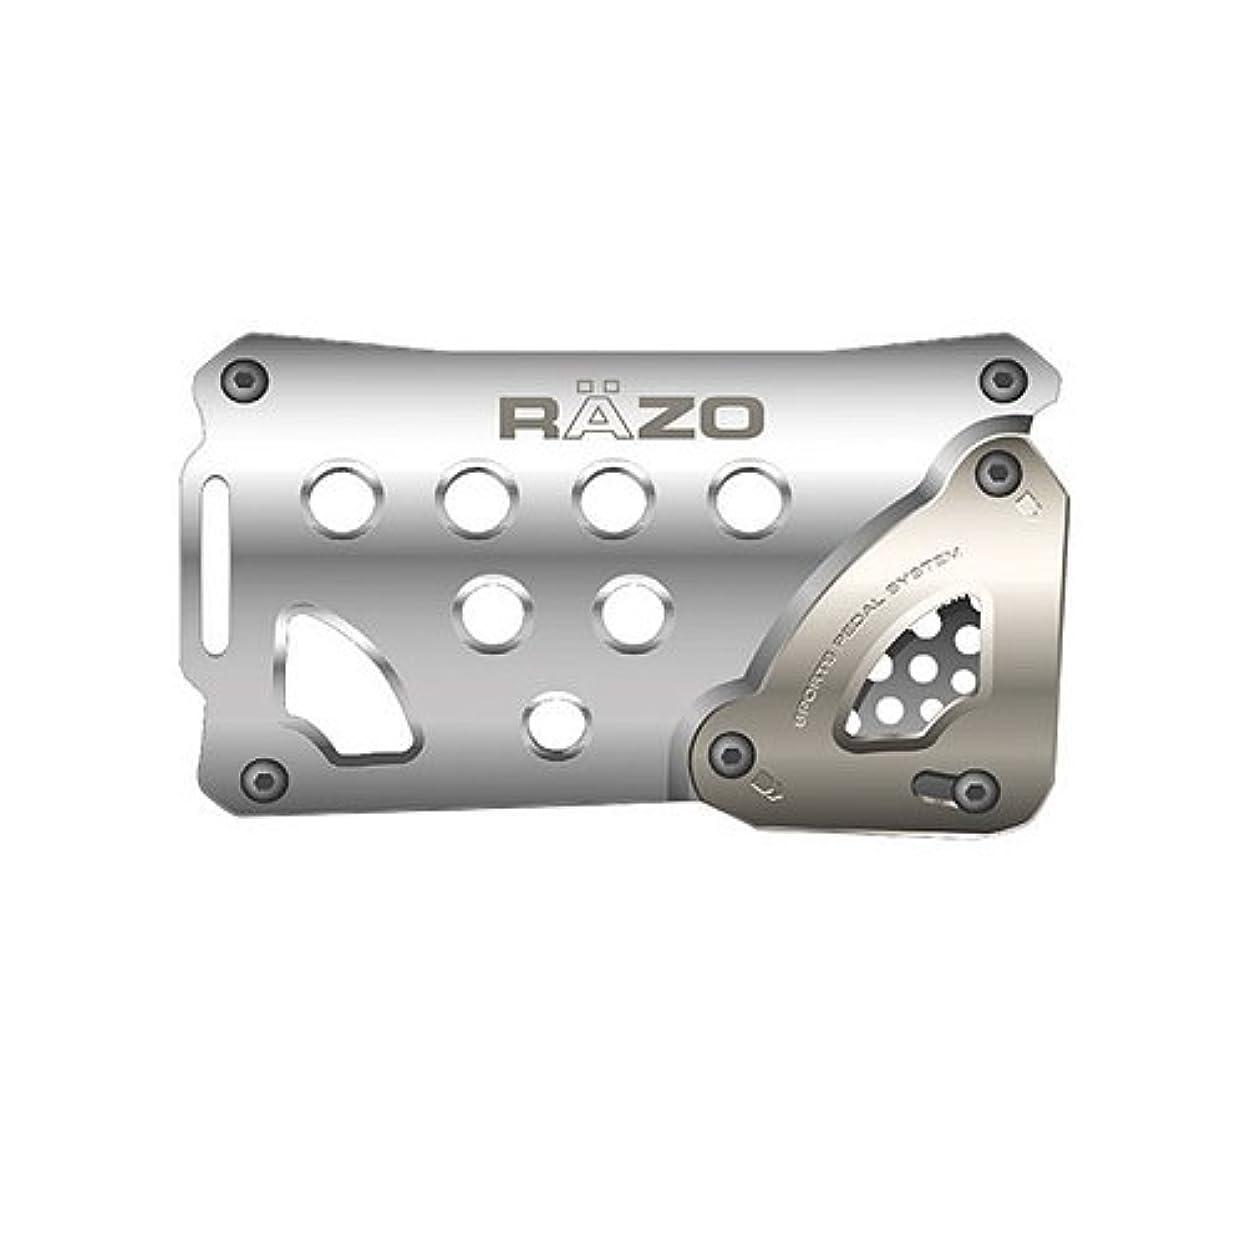 クリップ転倒試すカーメイト 車用 ペダル RAZO コンペティションスポーツ ブレーキ S AT シルバー RP83